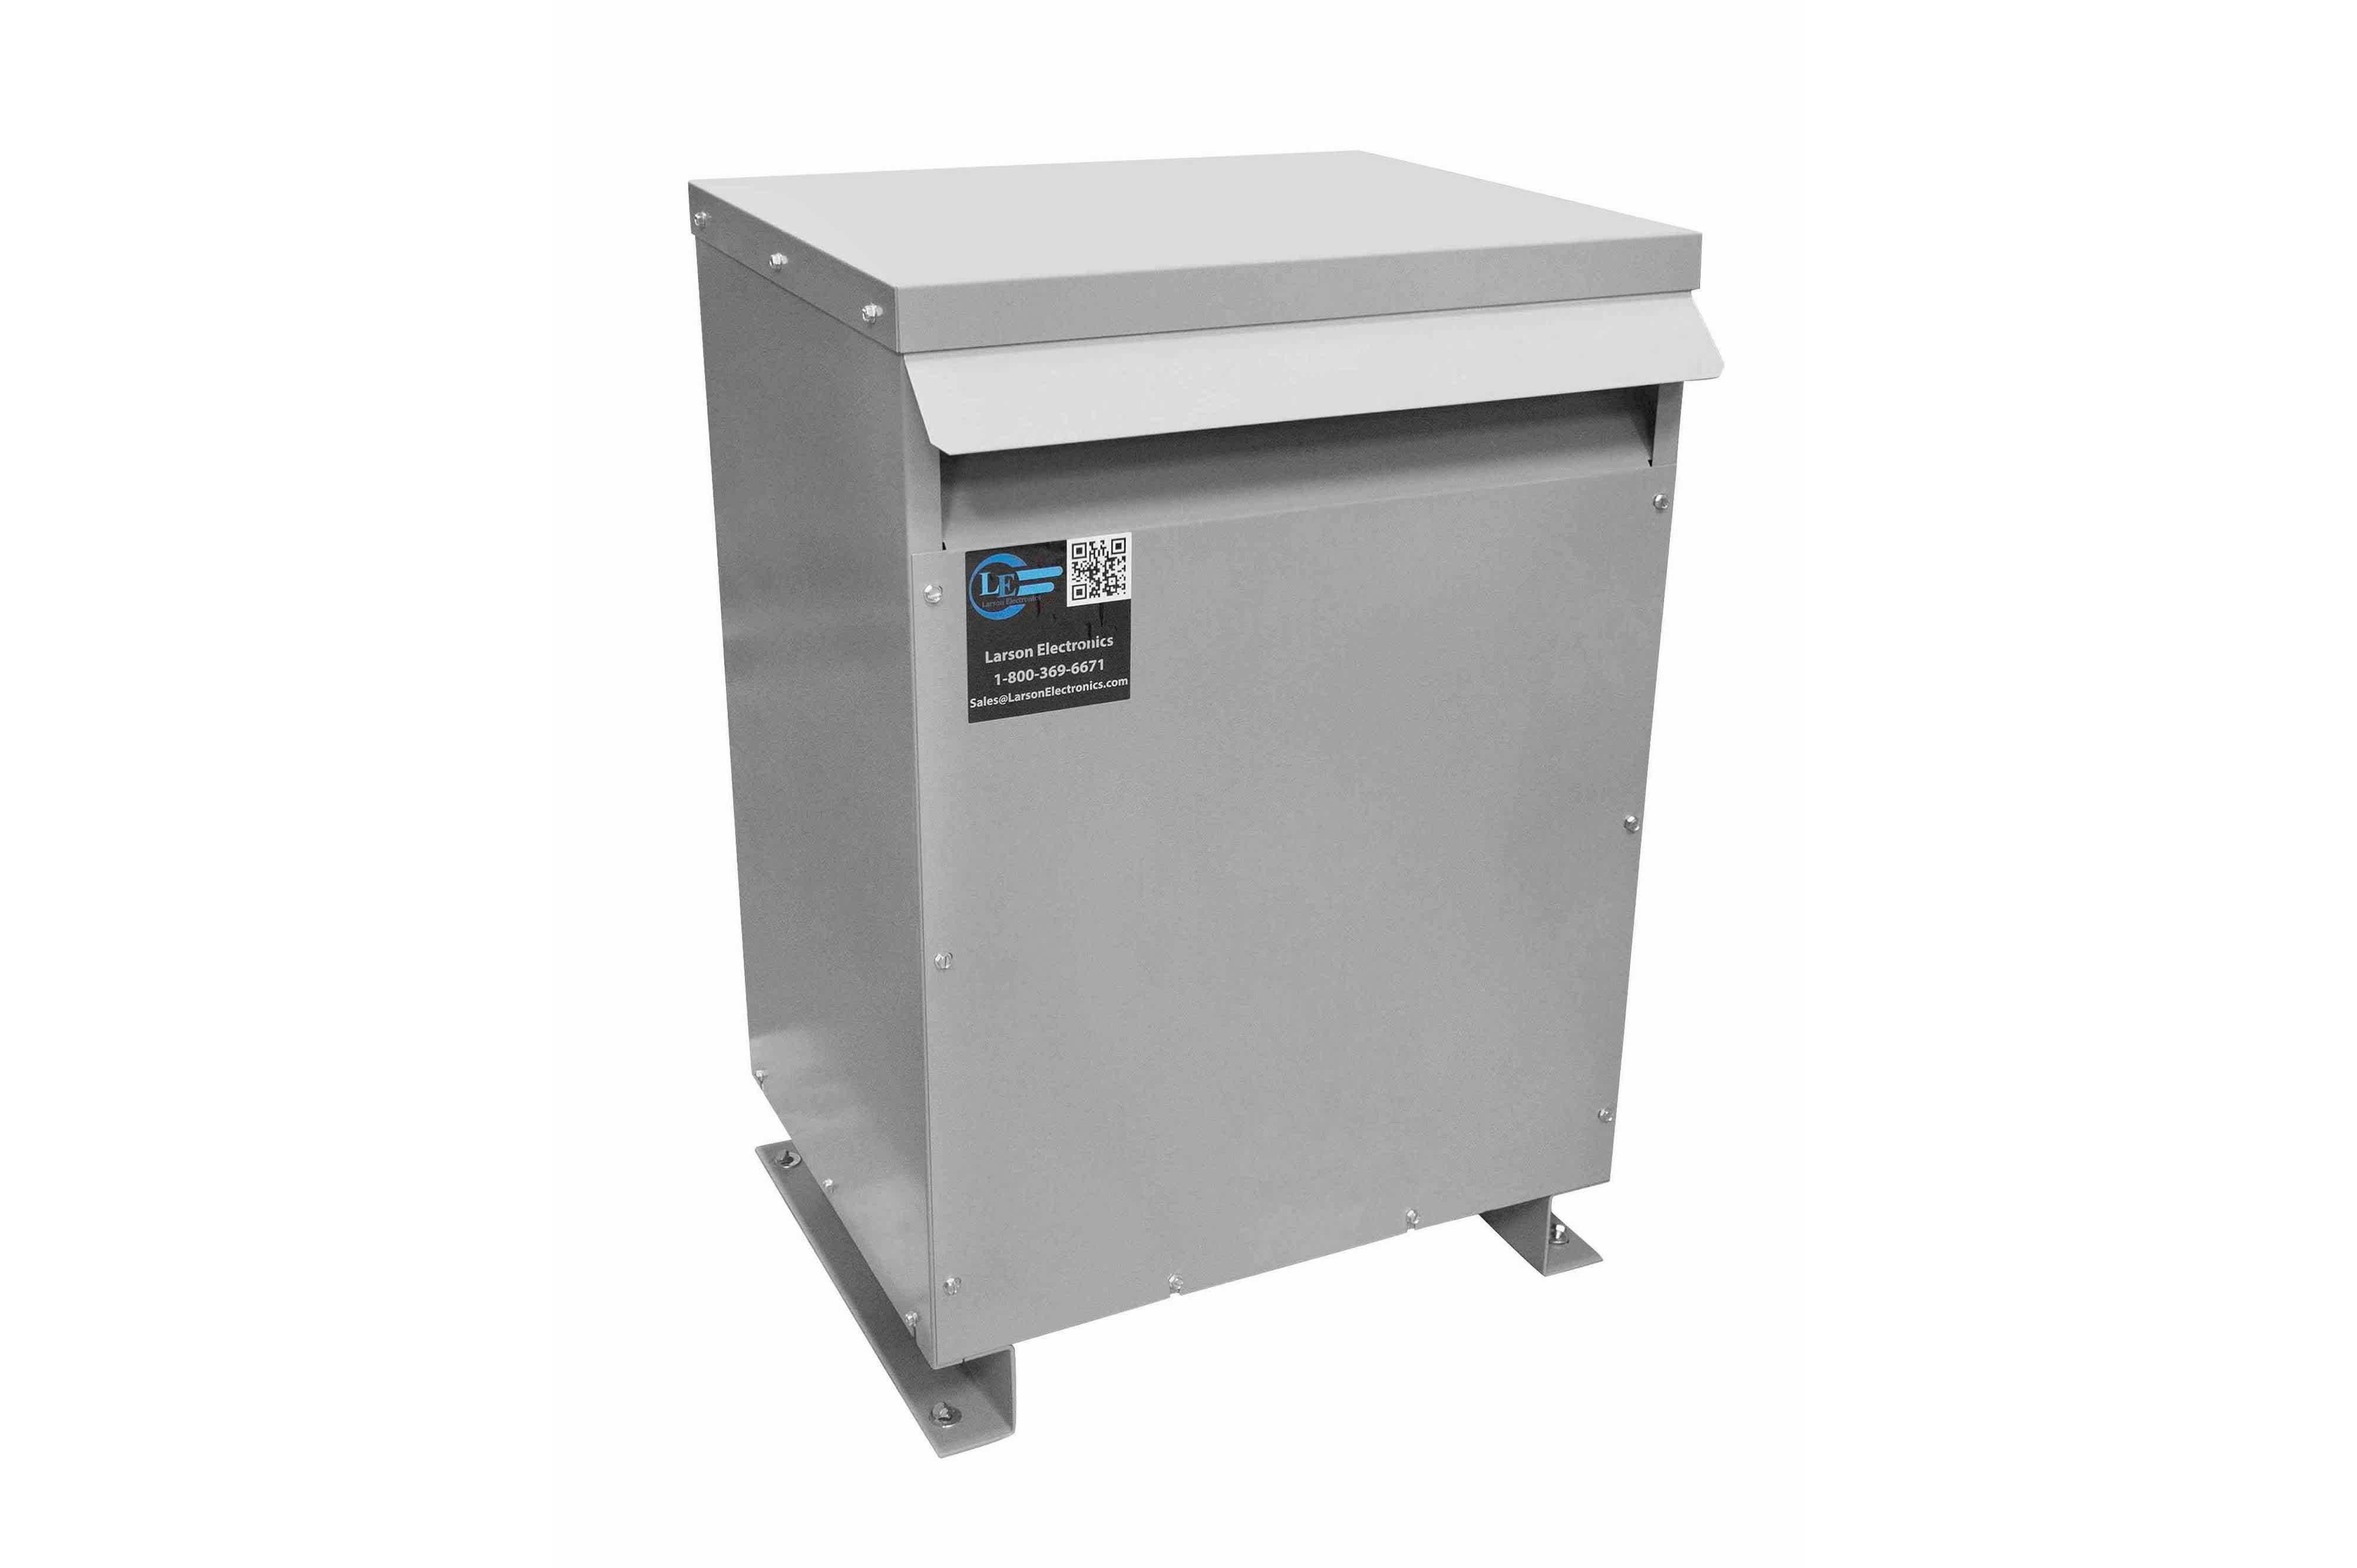 800 kVA 3PH Isolation Transformer, 600V Delta Primary, 415V Delta Secondary, N3R, Ventilated, 60 Hz